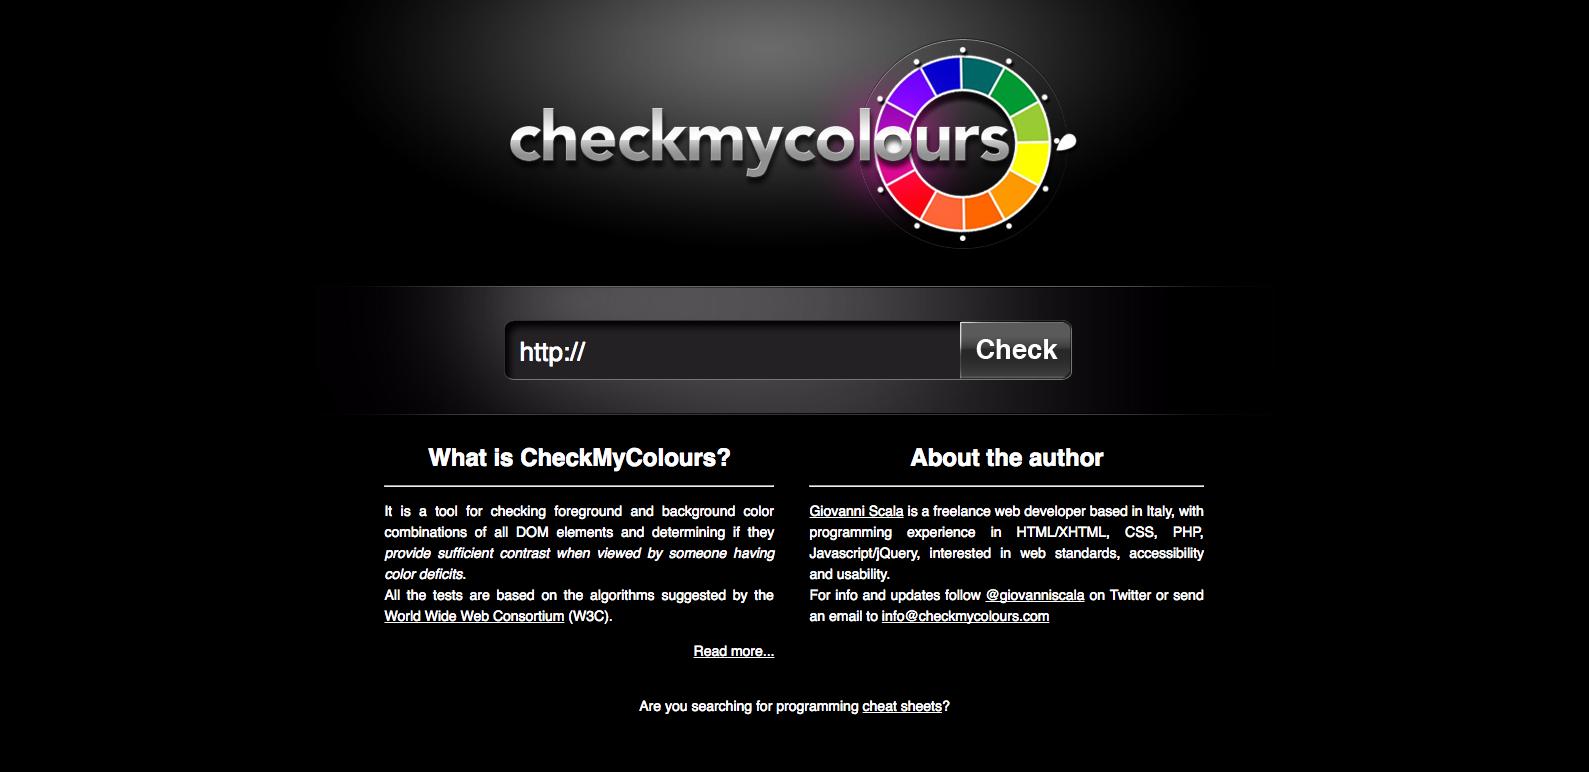 Las mejores paletas de colores para sitios web para mejorar el compromiso (2020) - 1630939780 676 Las mejores paletas de colores para sitios web para mejorar